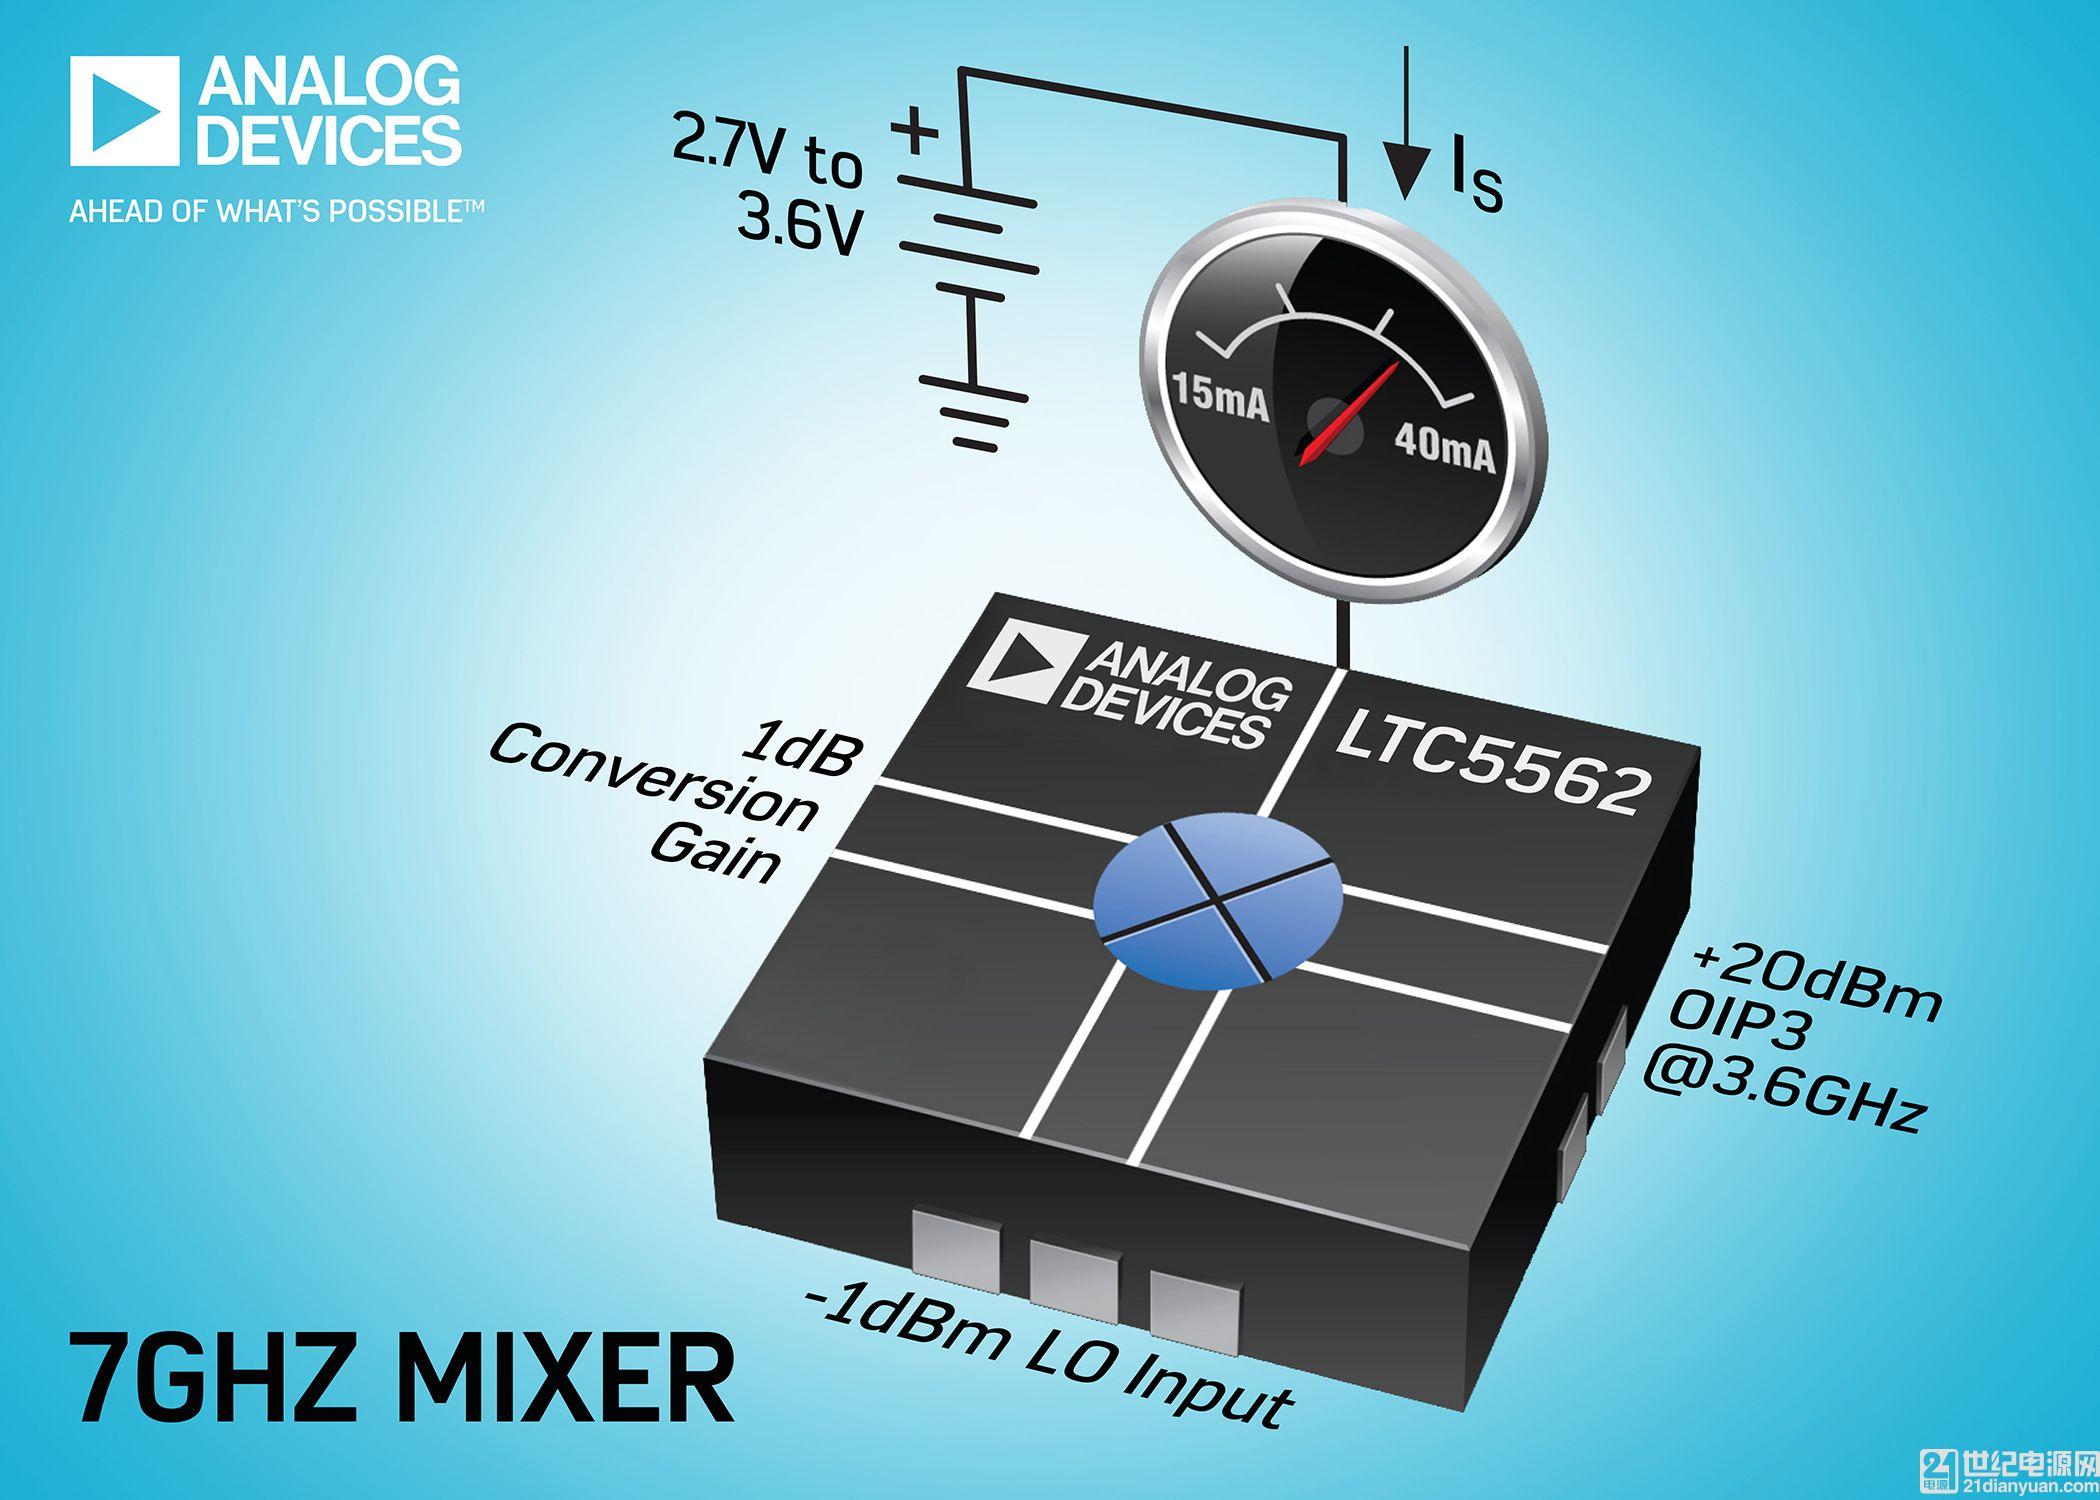 低功率有源混频器提供 7GHz 带宽和 20dBm OIP3